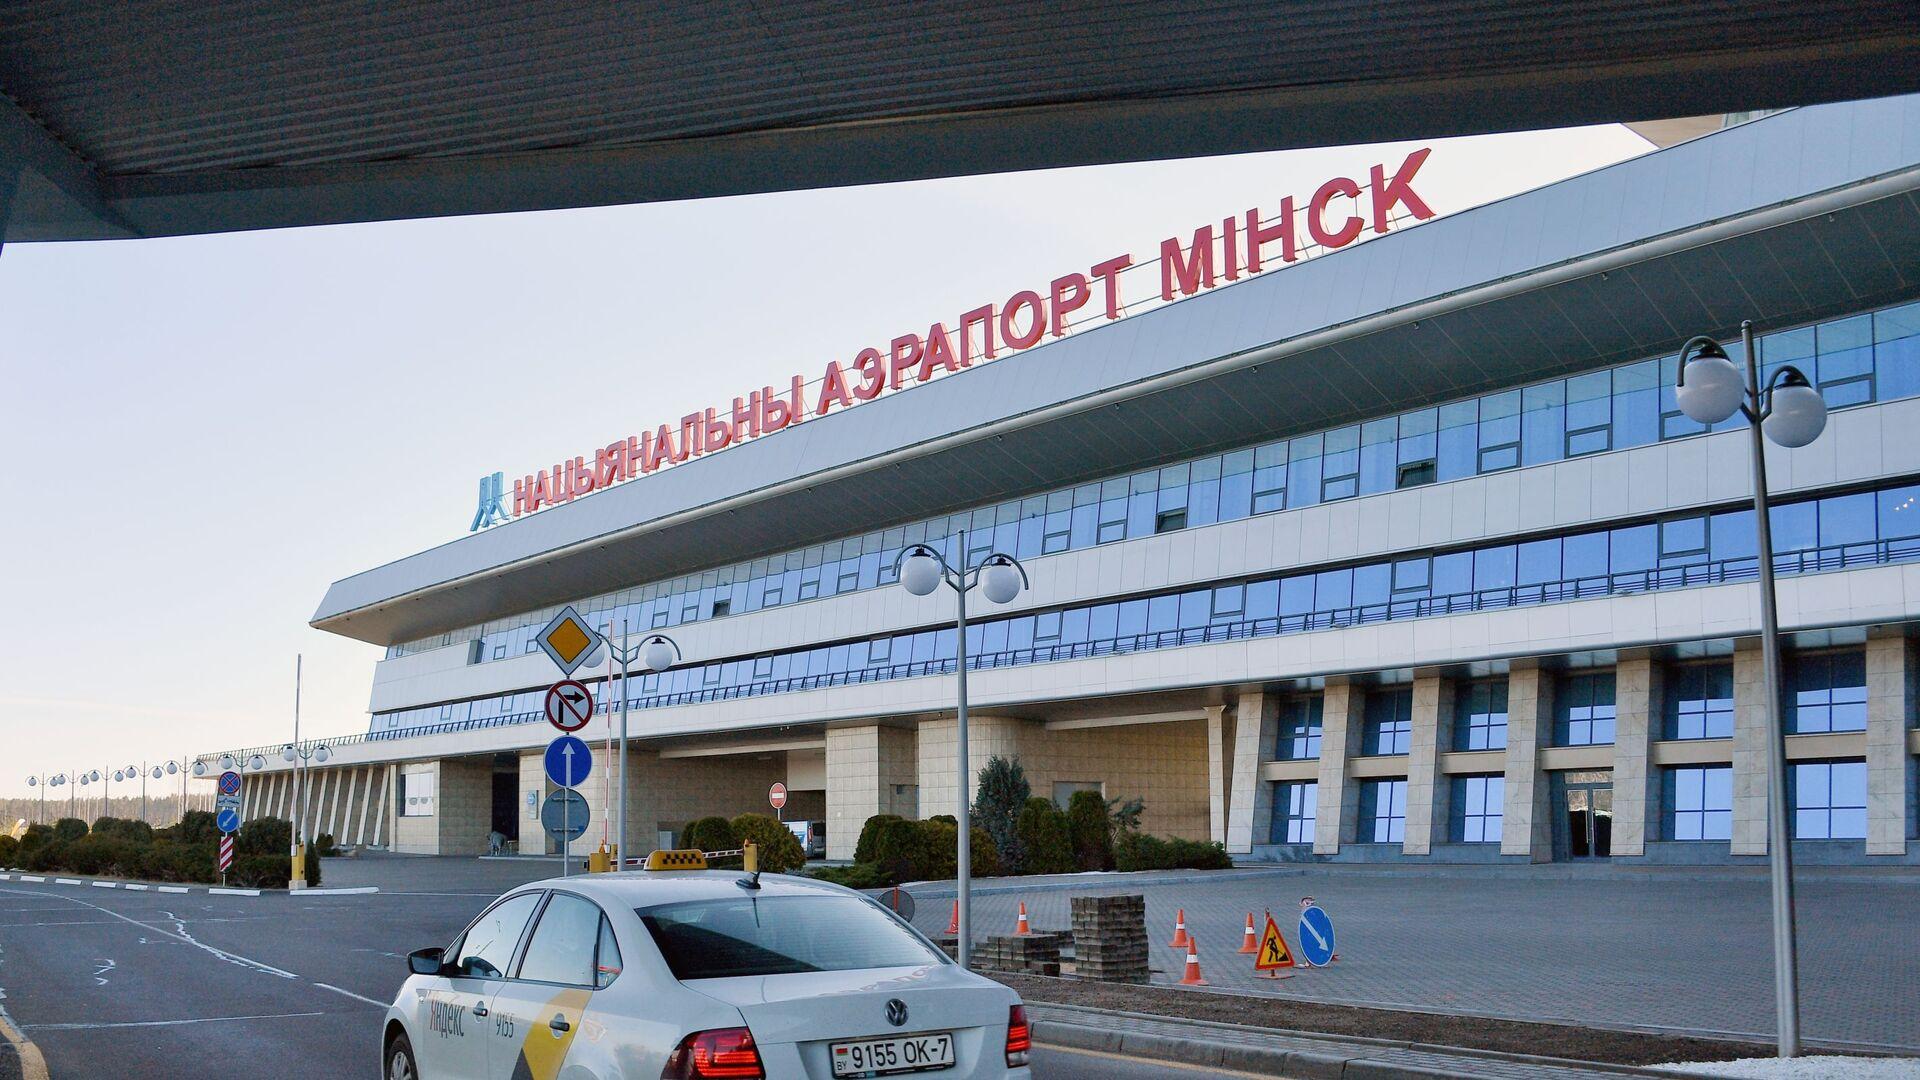 Letiště v Minsku - Sputnik Česká republika, 1920, 24.05.2021